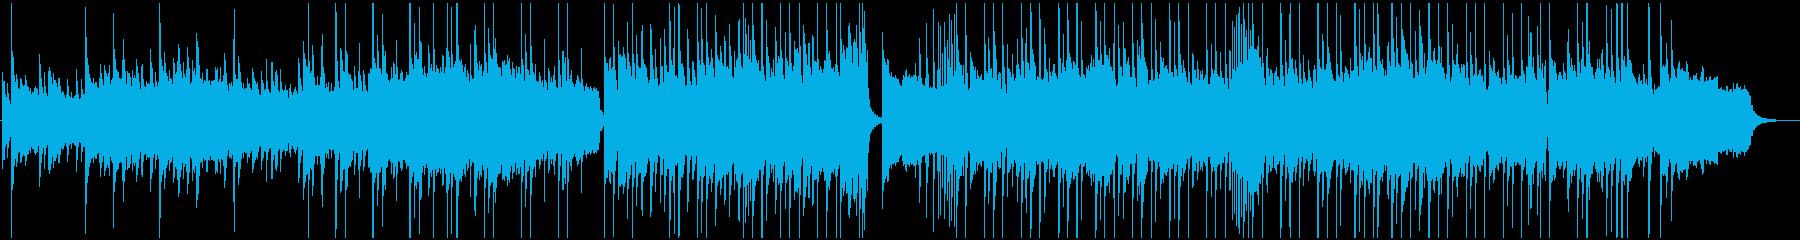 ゆったりとした情景的なBGMの再生済みの波形